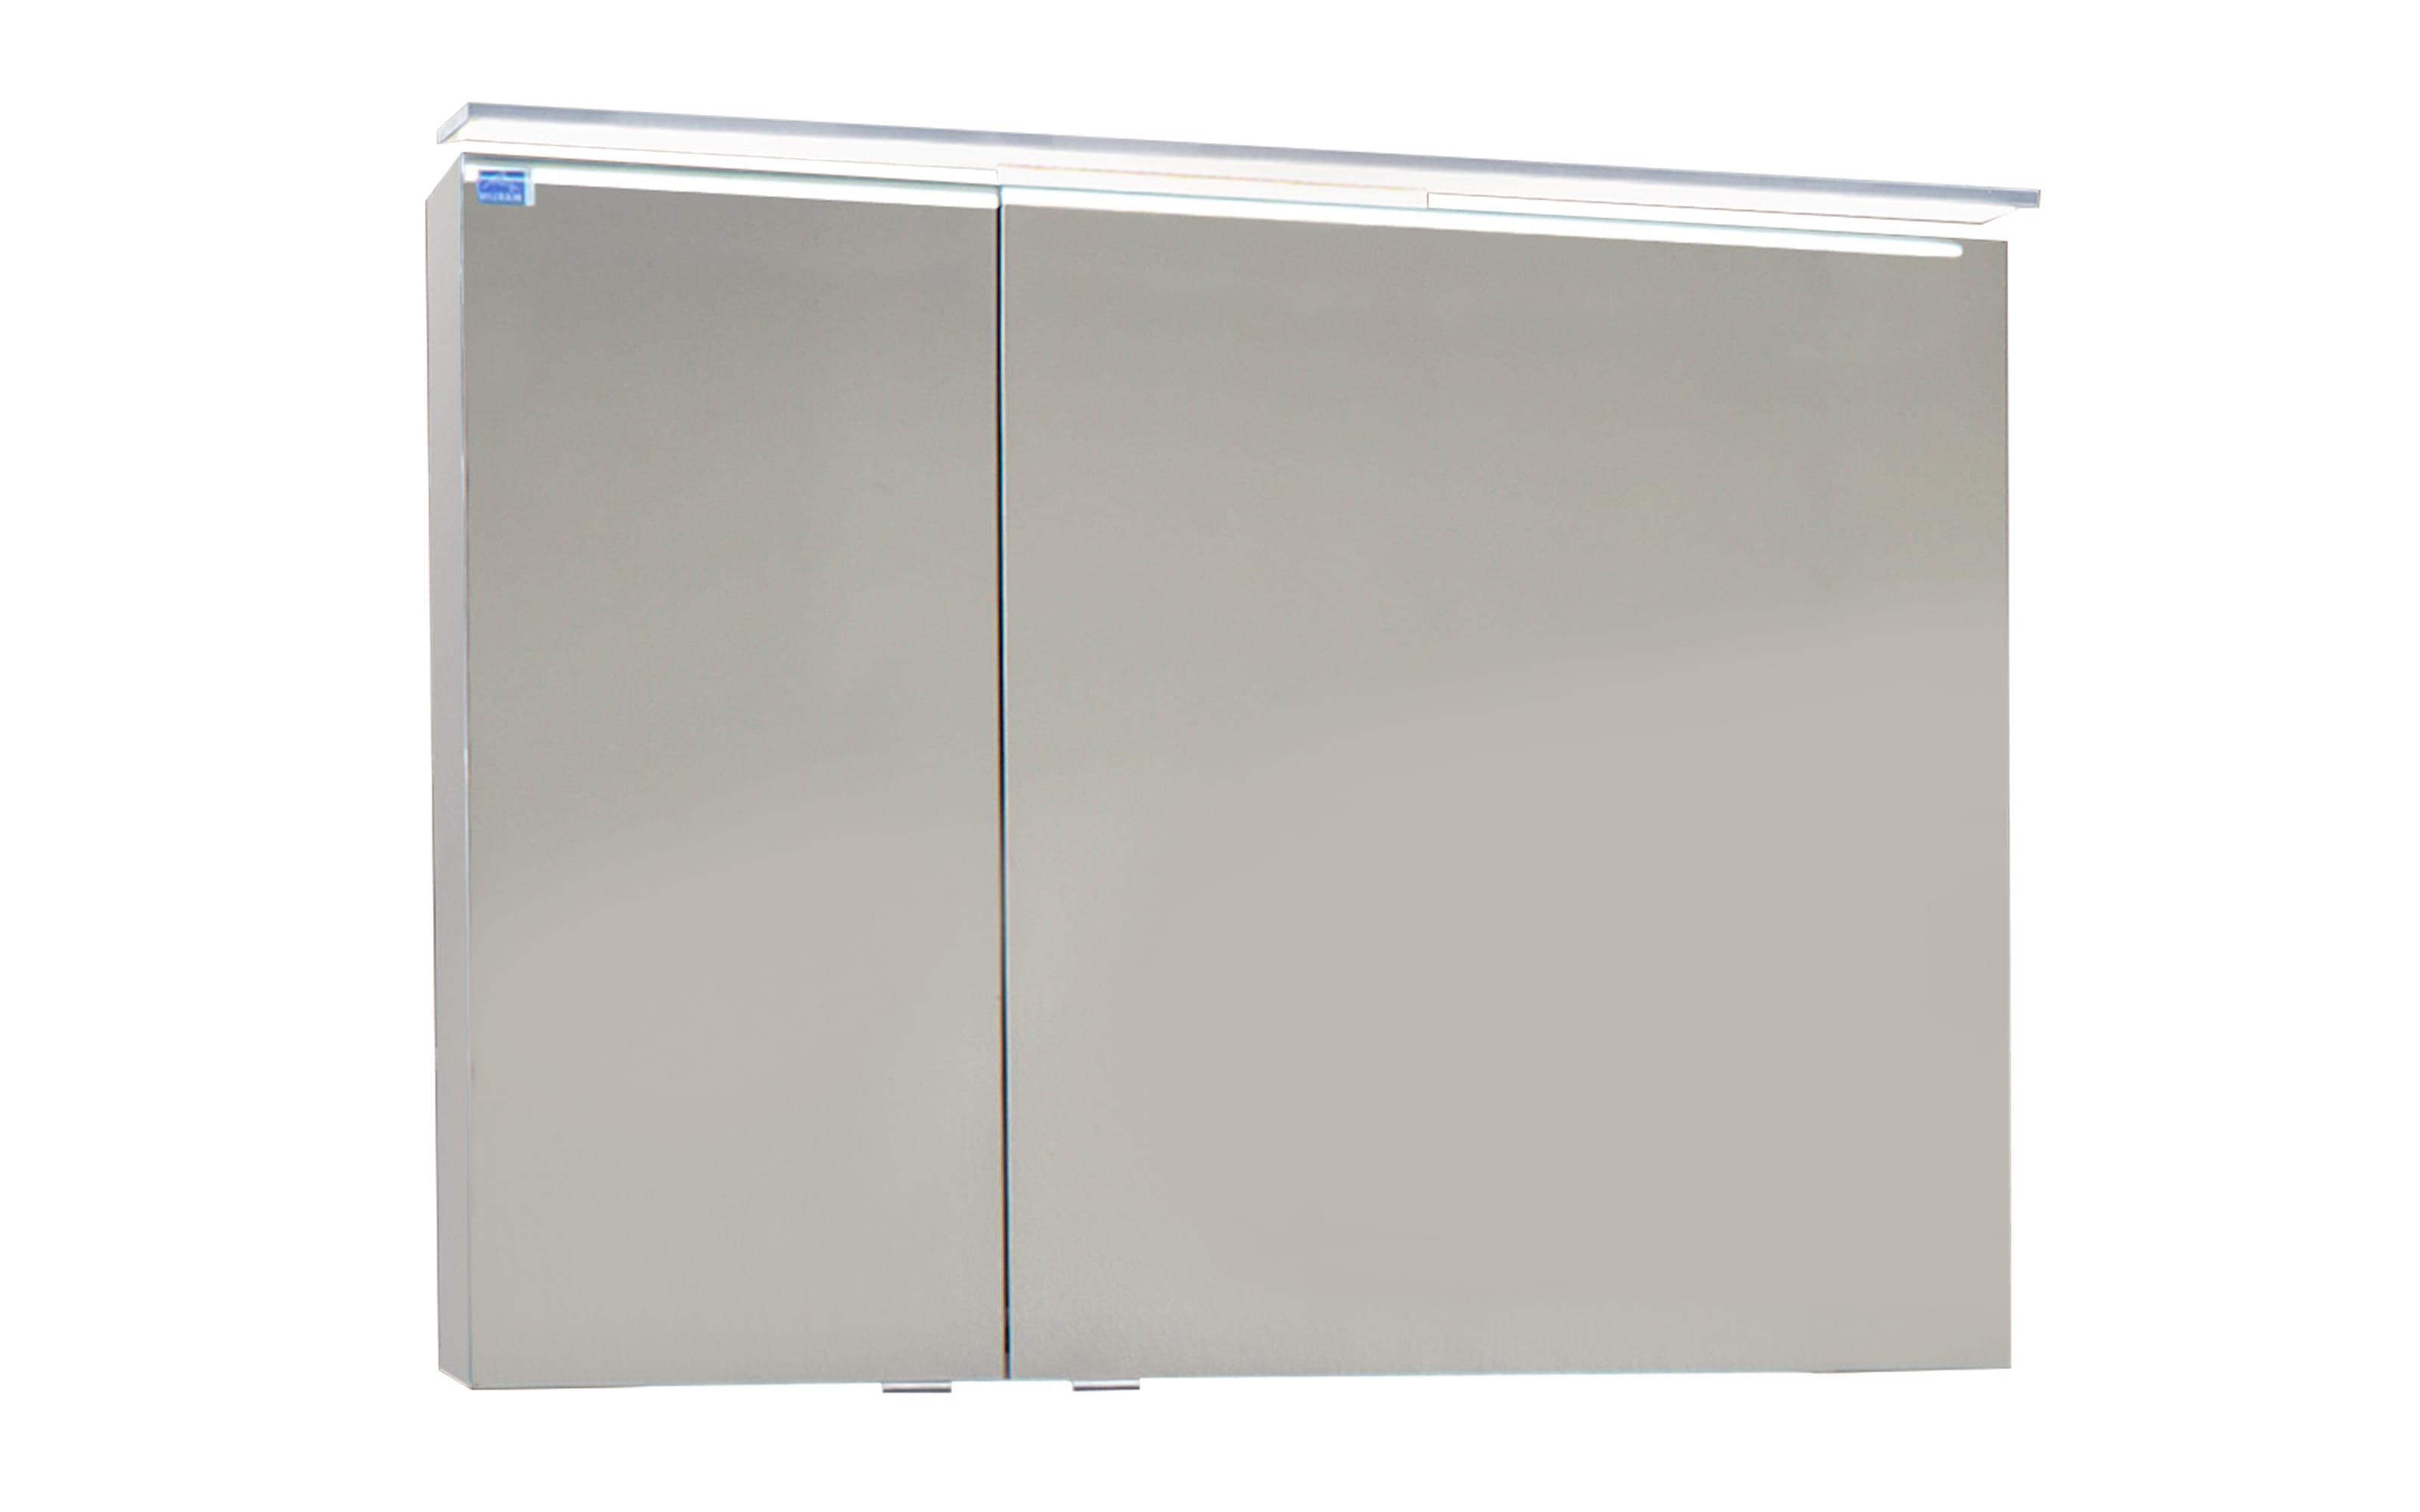 Spiegelschrank 3160 in weiß Glanz